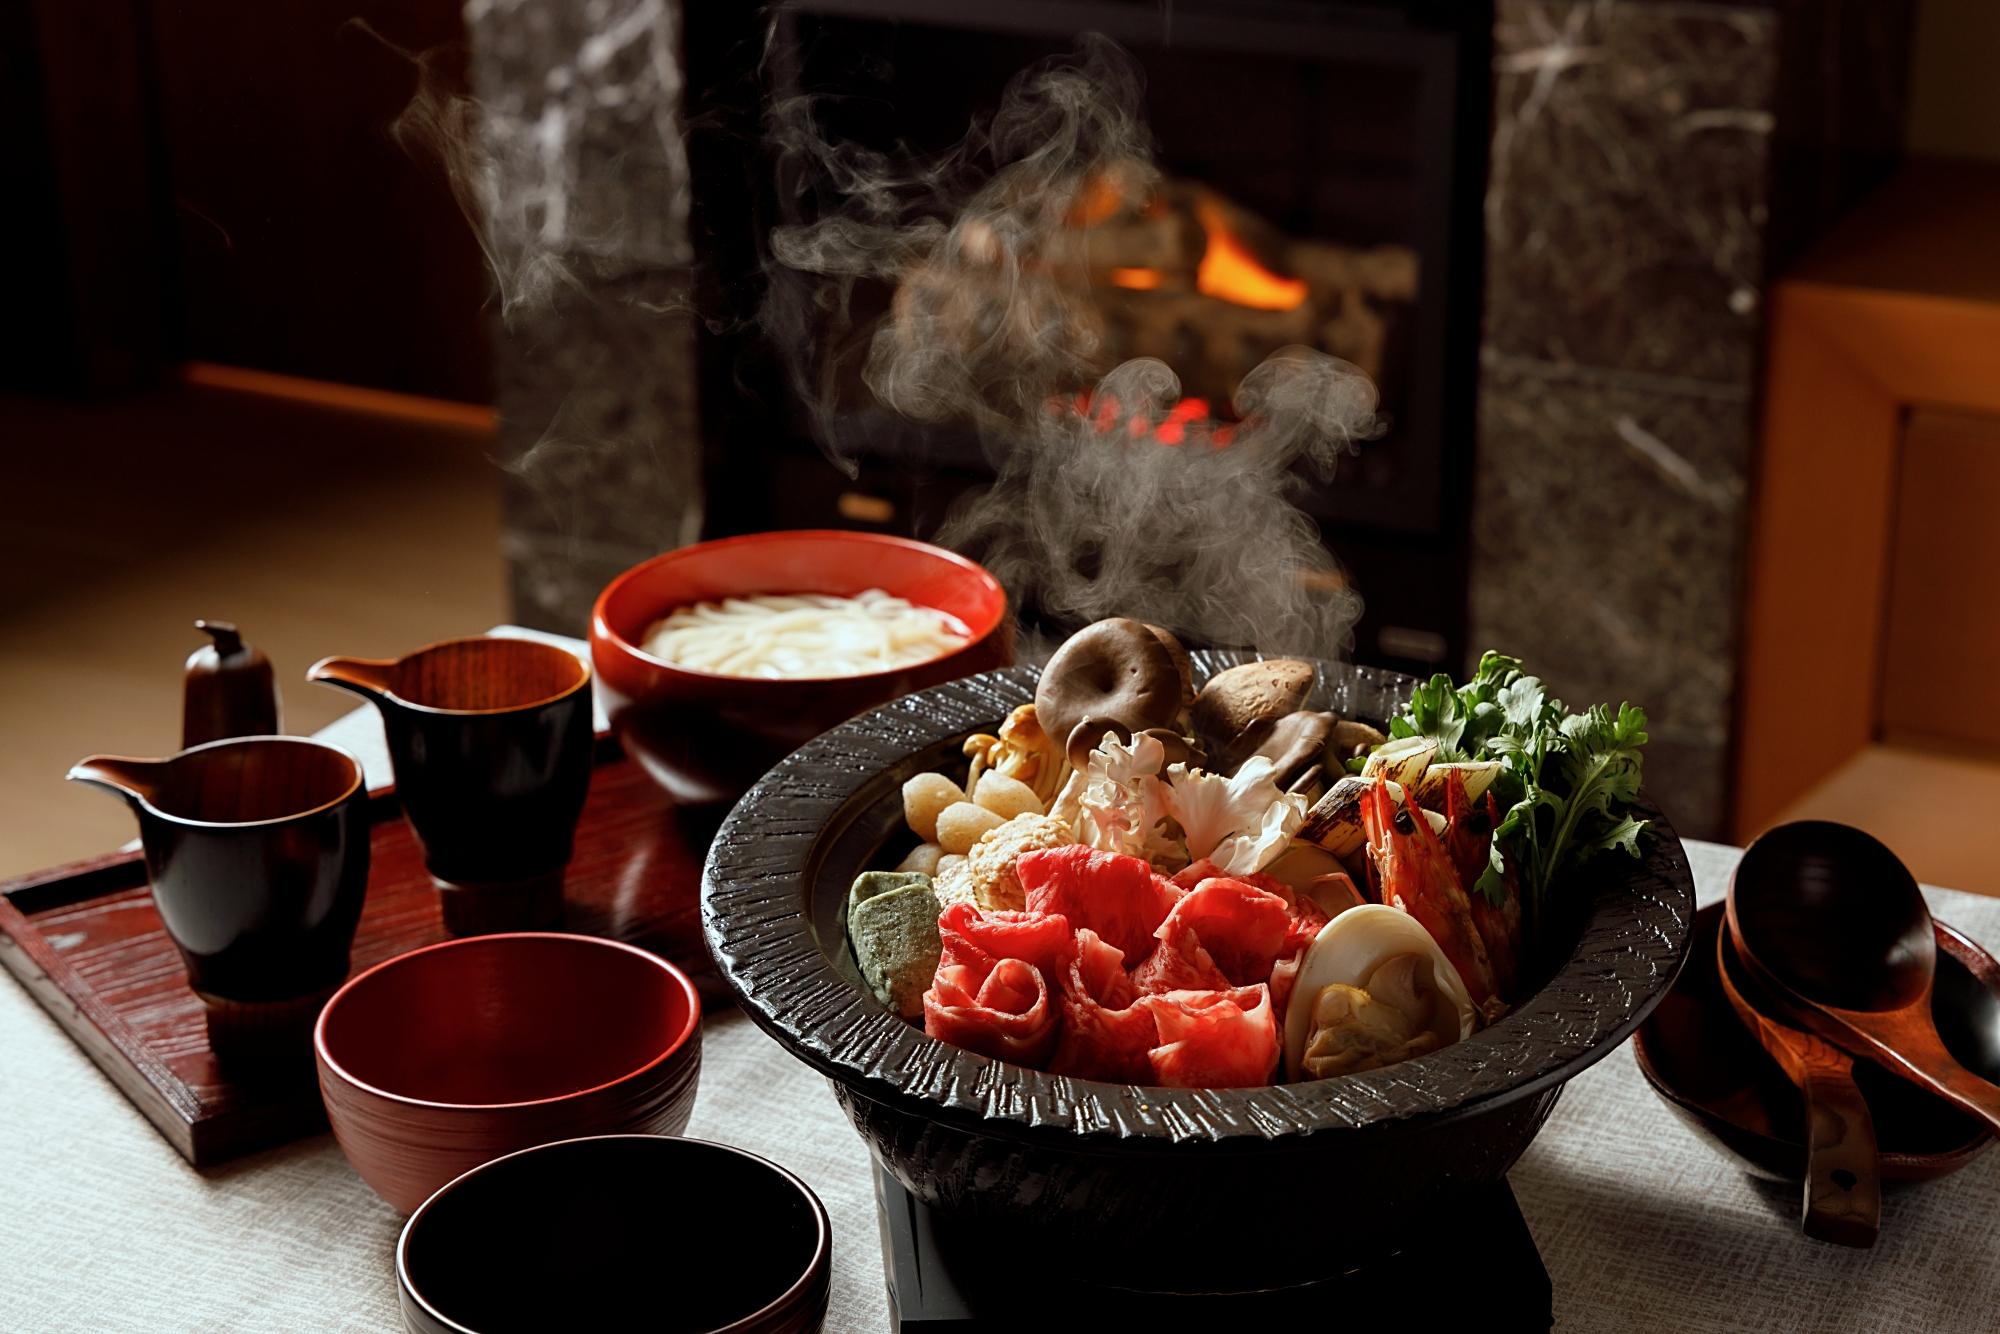 【ひらまつホテル】冬の御代田を堪能する、ヴィラ プライベート・ダイニング「冬ごもり鍋」がはじまります... 画像